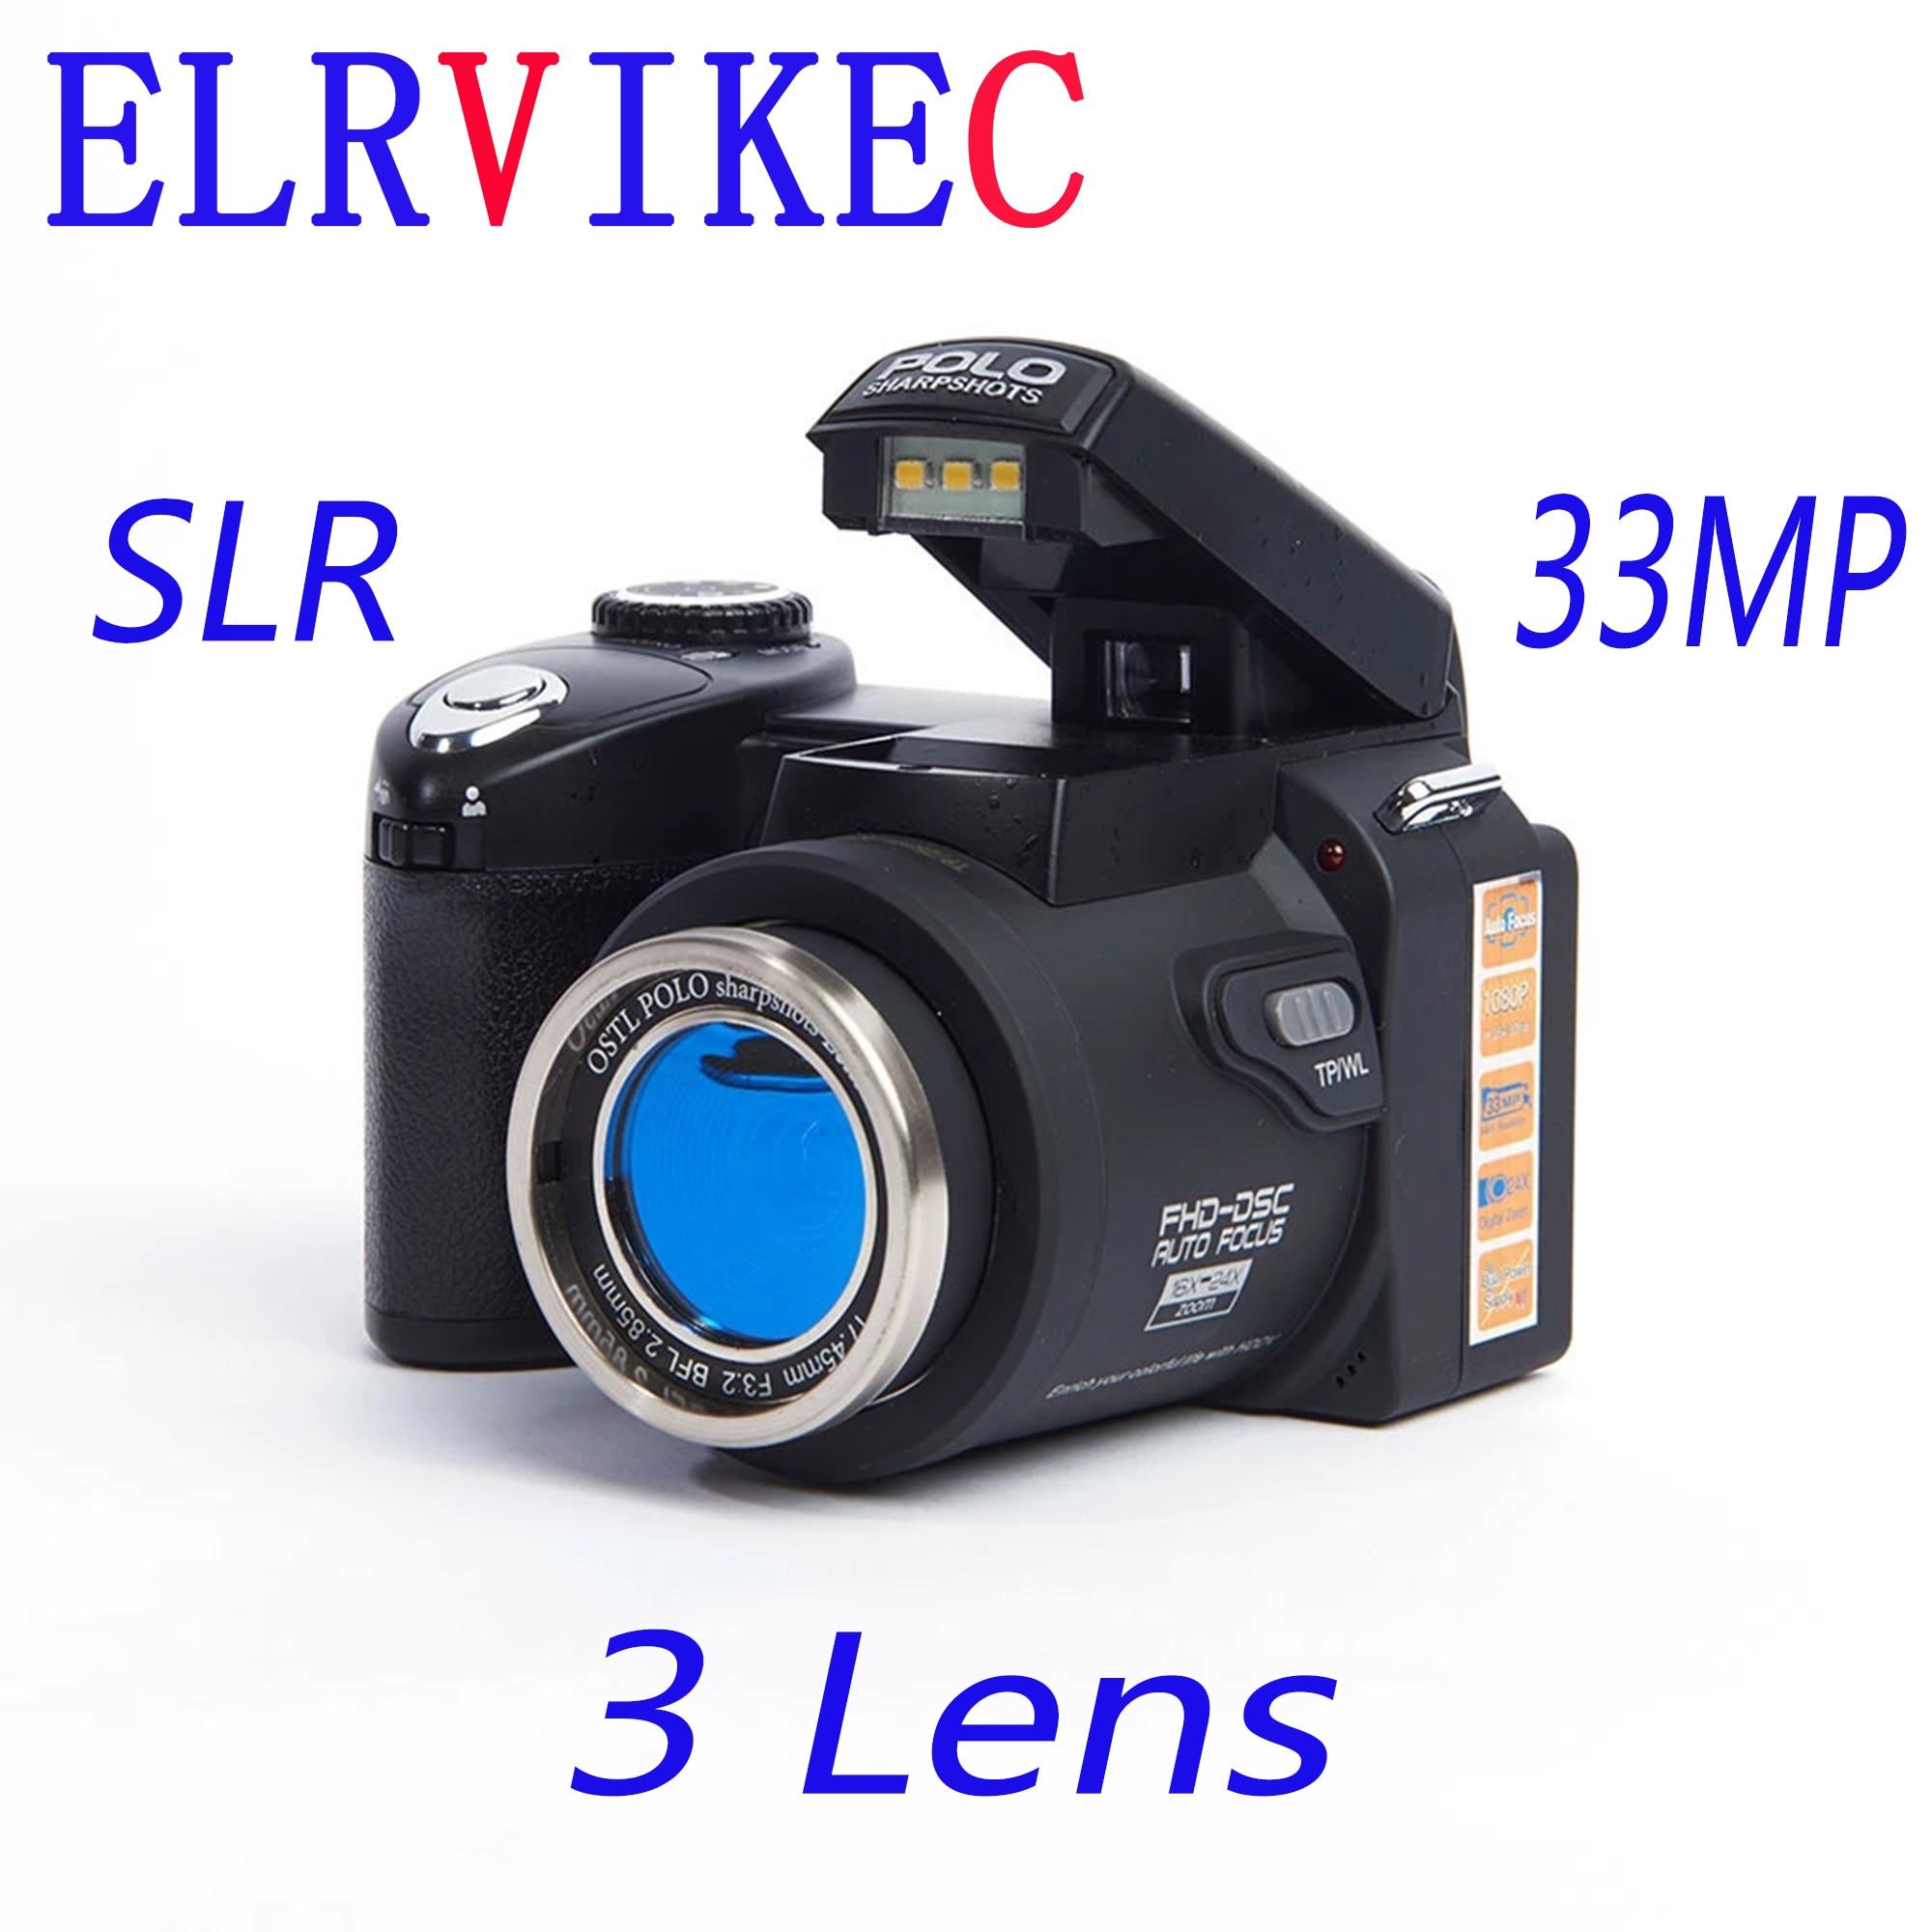 كاميرا رقمية elrفيكتور ec 2021 HD POLO D7100 33 مليون بيكسل تركيز تلقائي كاميرا فيديو SLR احترافية التكبير 24X ثلاث عدسات